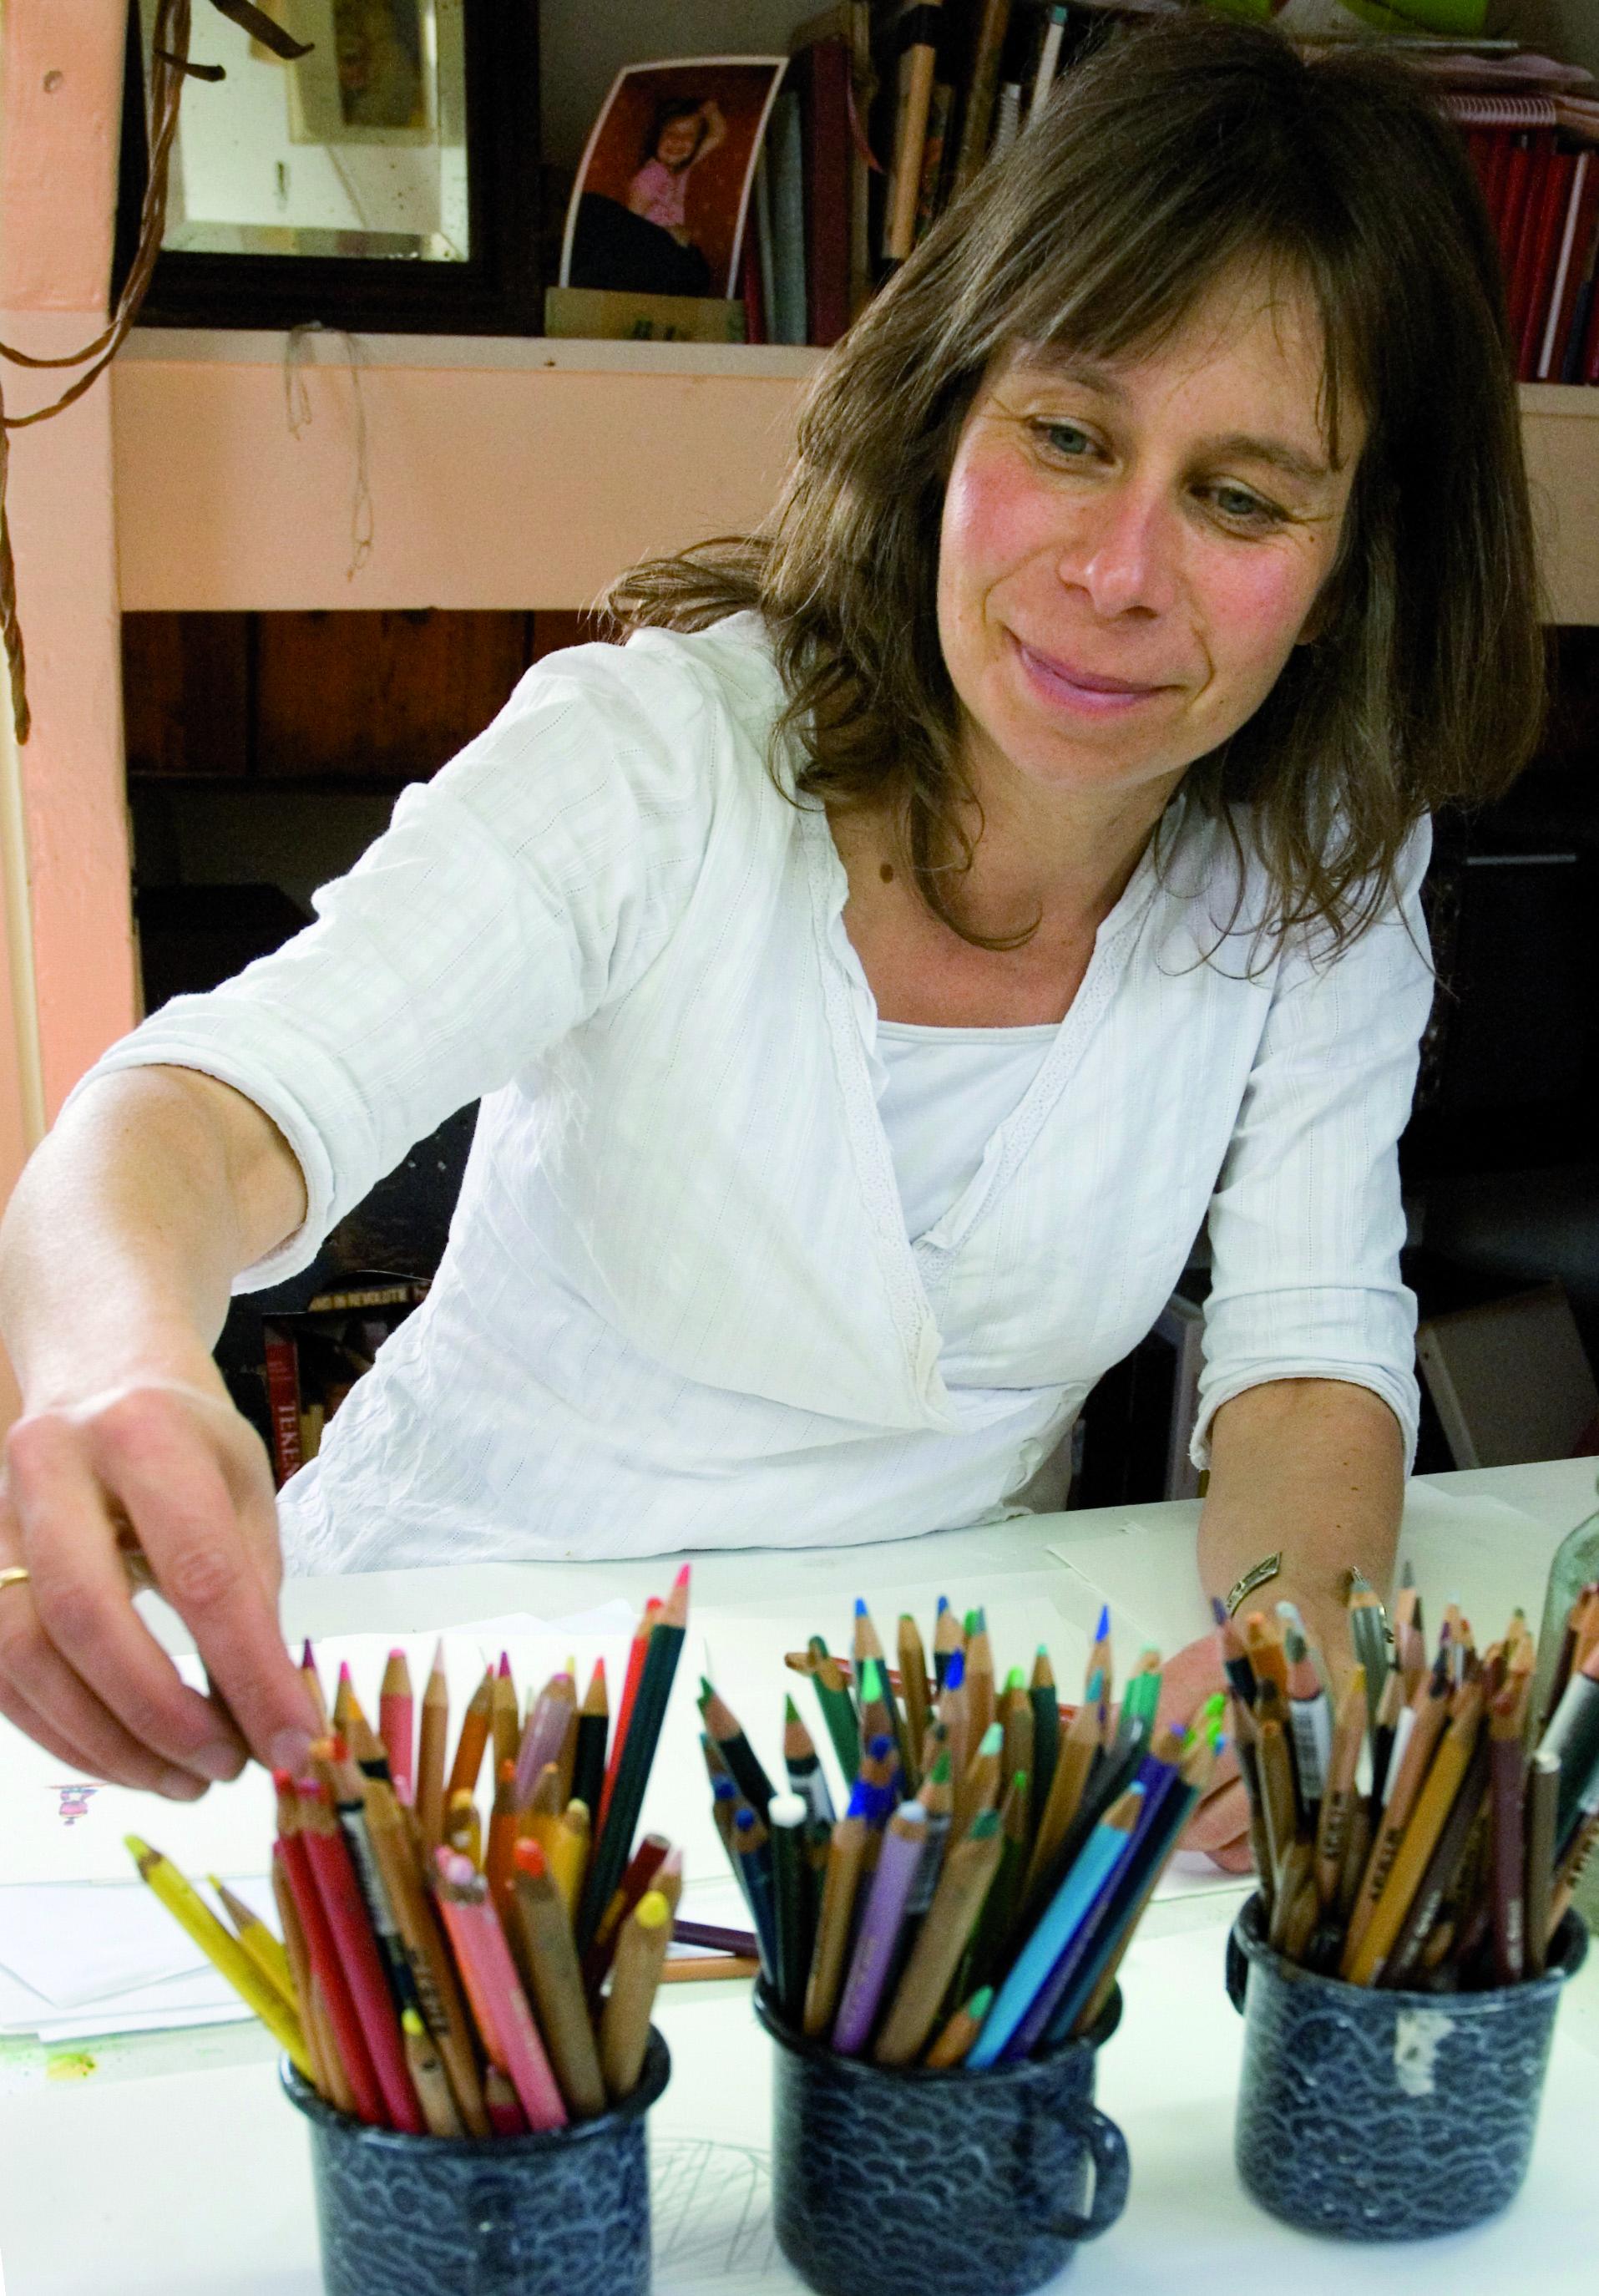 Marit Tornqvist